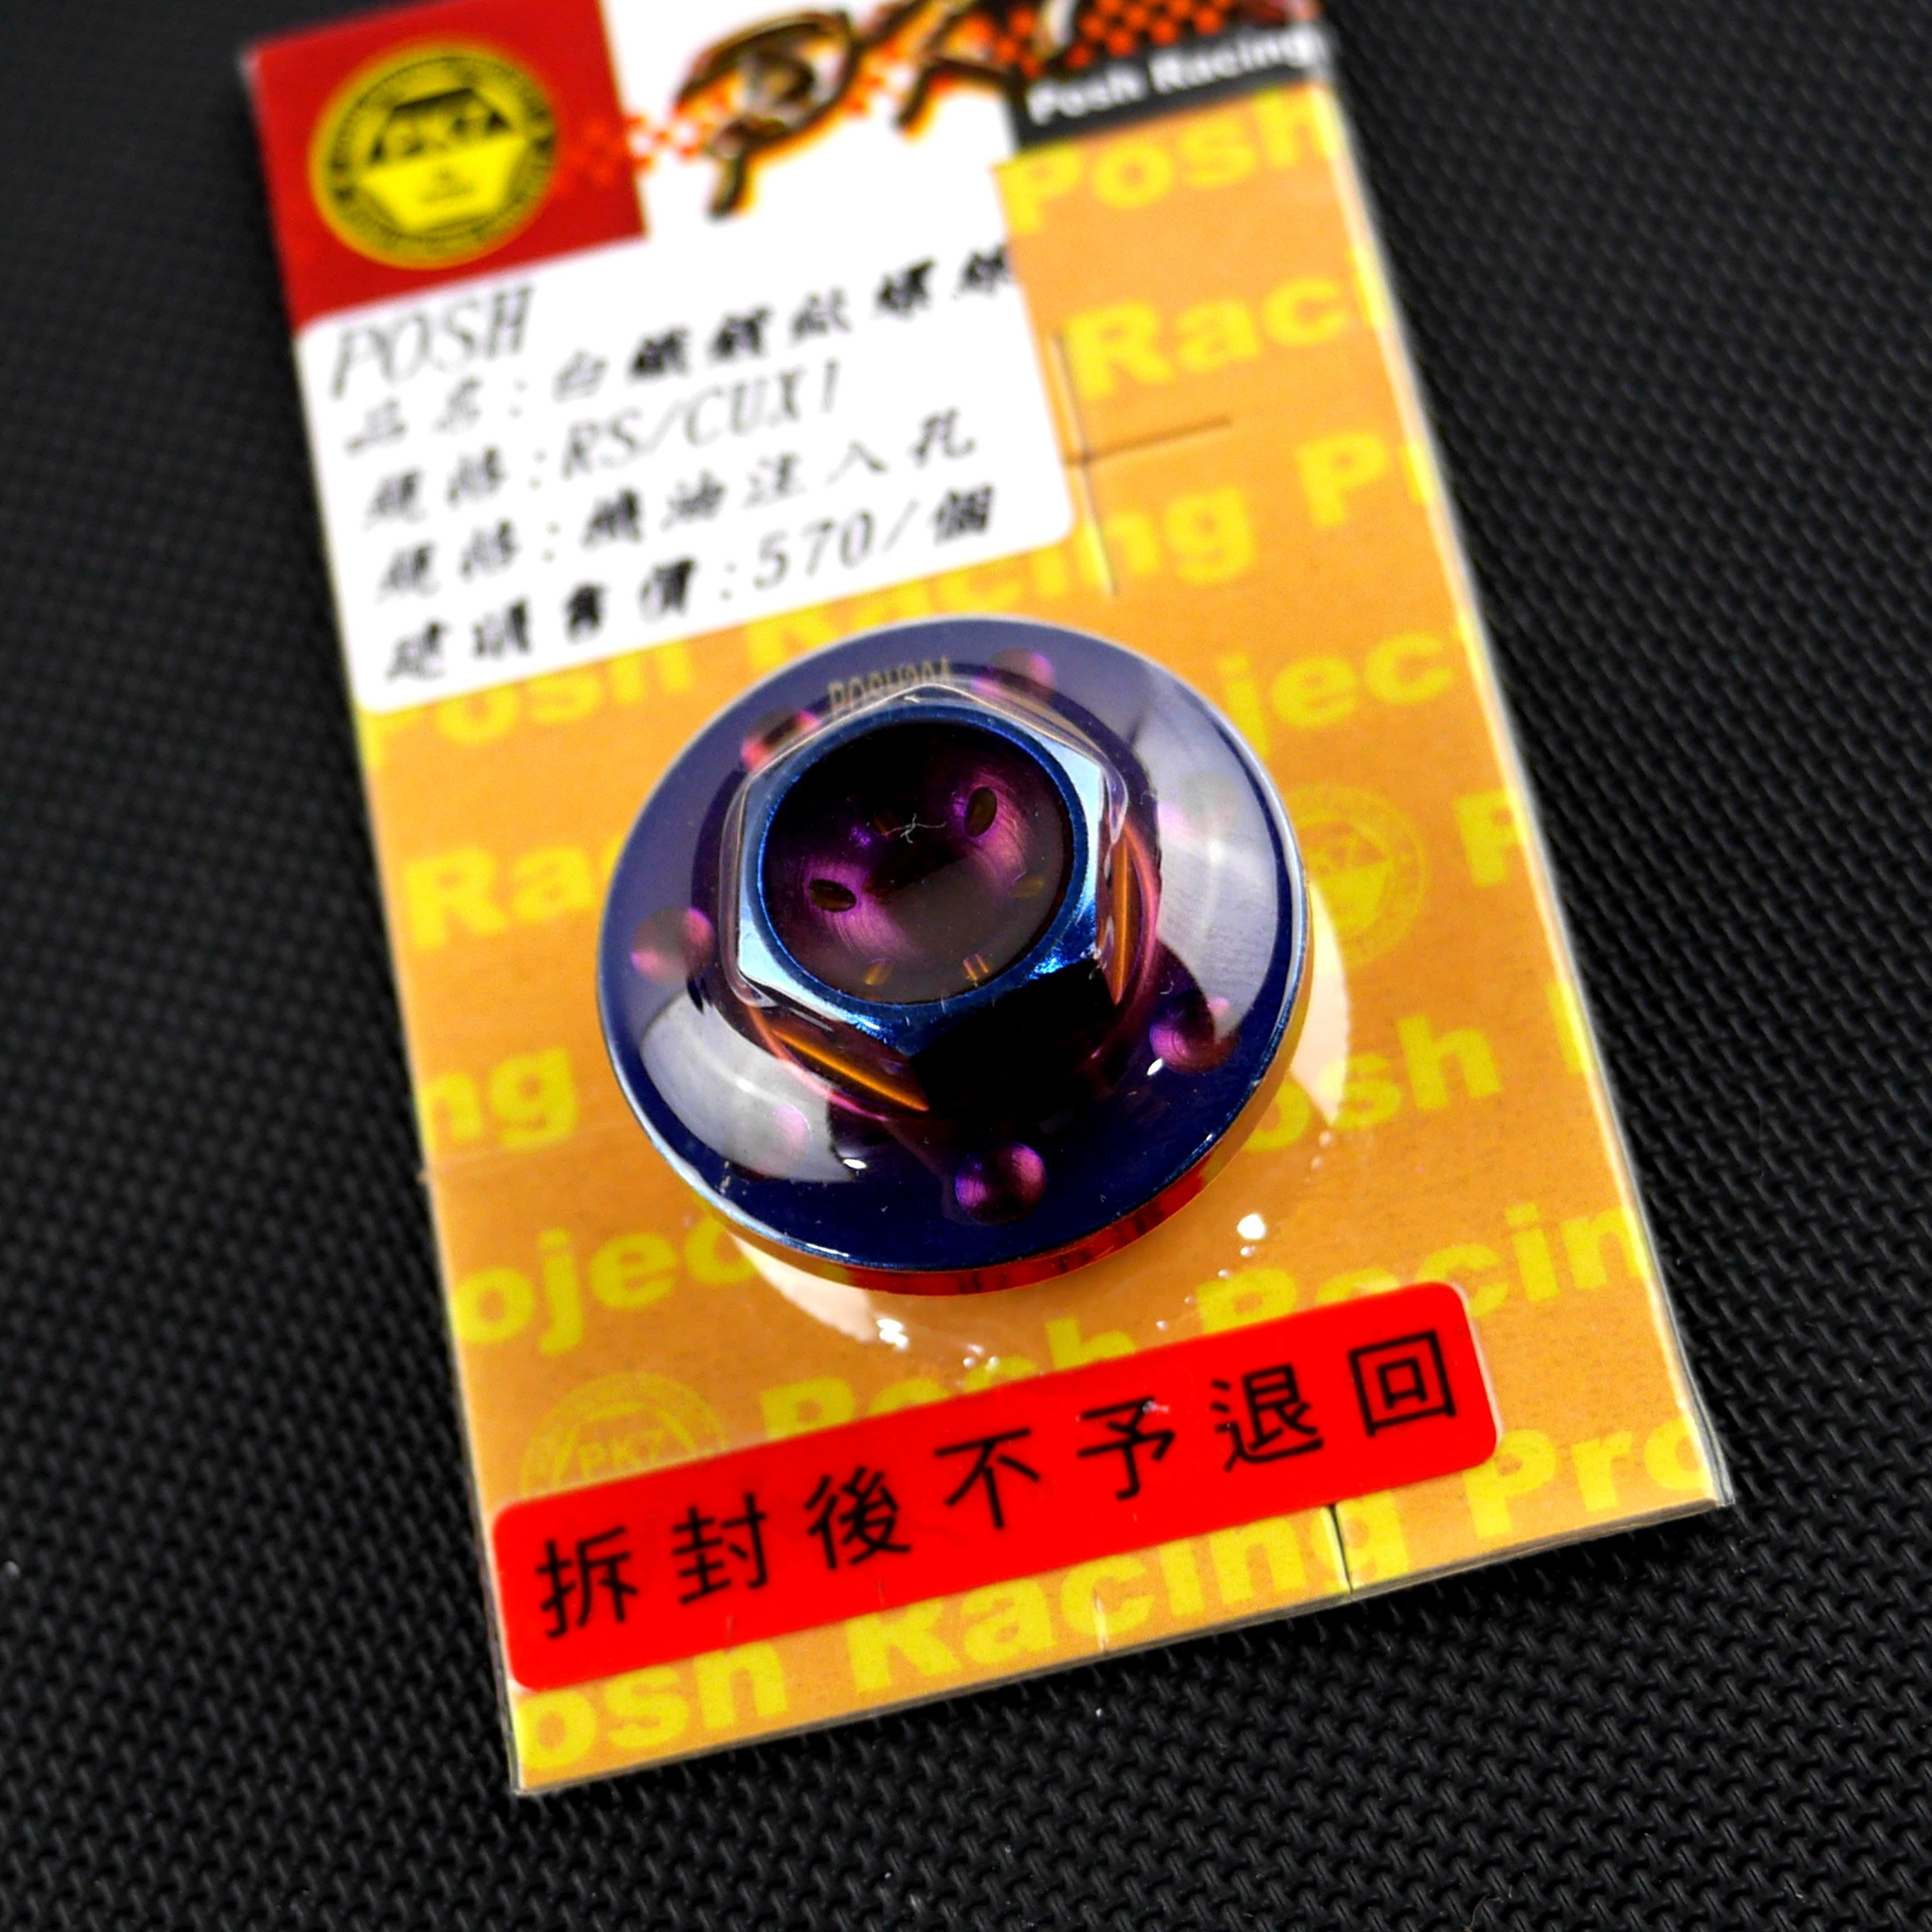 皮斯摩特 POSH 鍍鈦 機油注入孔螺絲 機油注入孔 機油螺絲 鍍鈦螺絲 RS ZERO CUXI QC